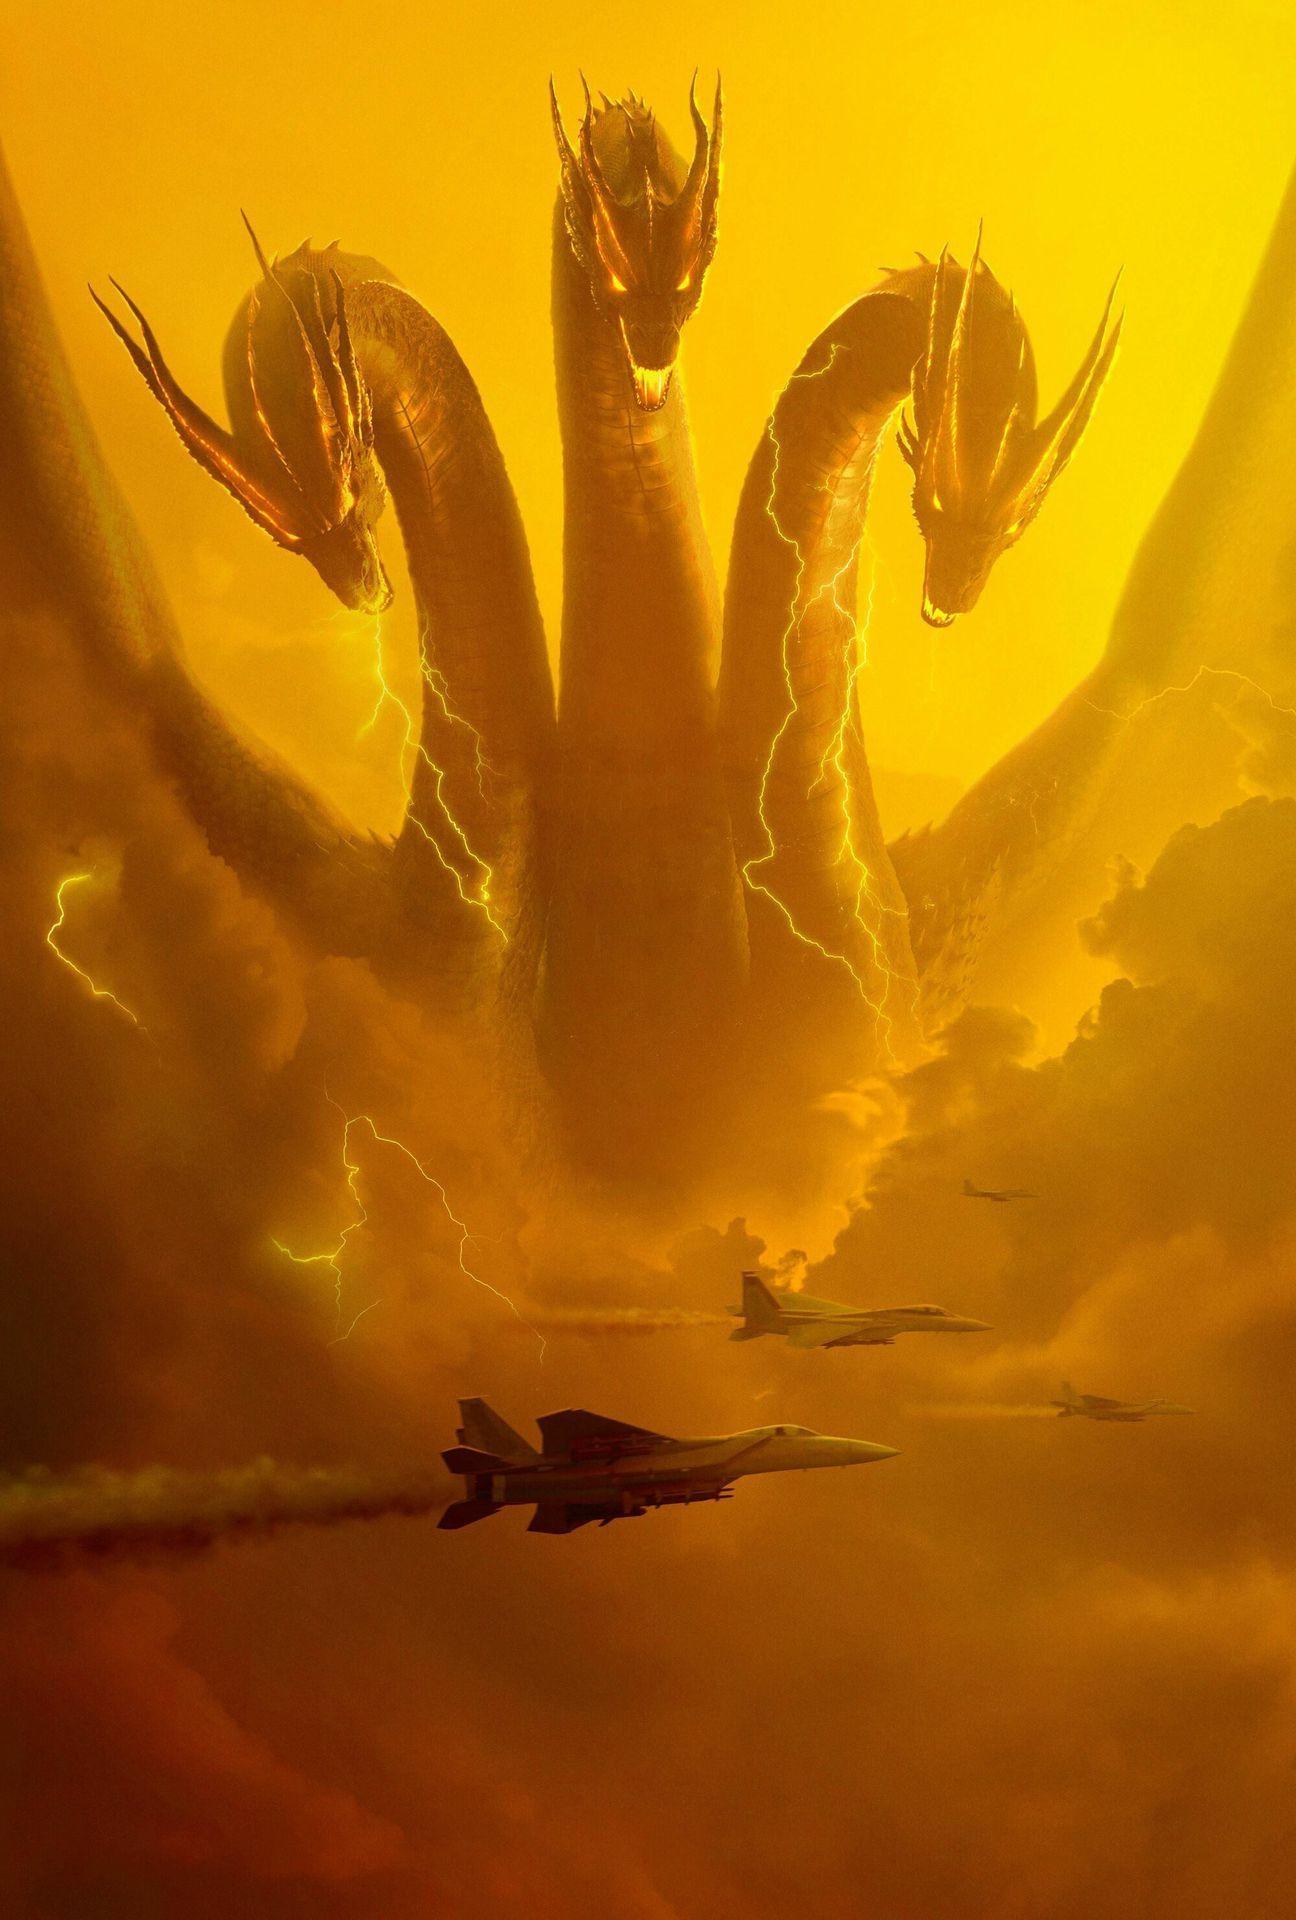 Darkness Of A Hyoudou Return From Ashes Godzilla Wallpaper All Godzilla Monsters Godzilla